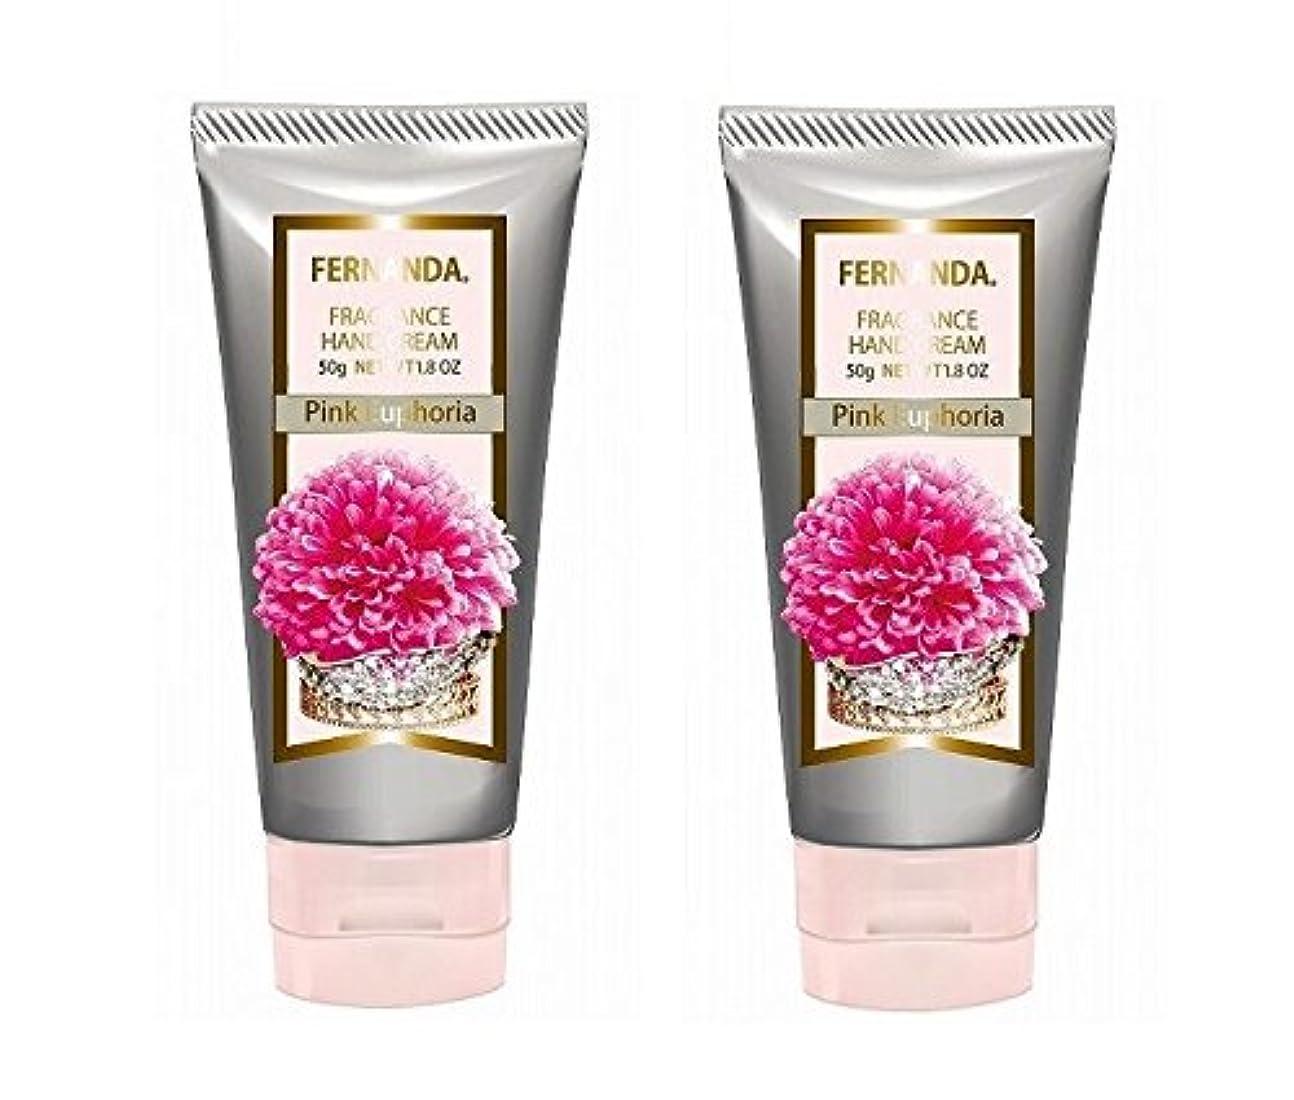 全部振動させる引き受けるFERNANDA(フェルナンダ) Hand Cream Pink Euphoria (ハンドクリーム ピンクエウフォリア)×2個セット